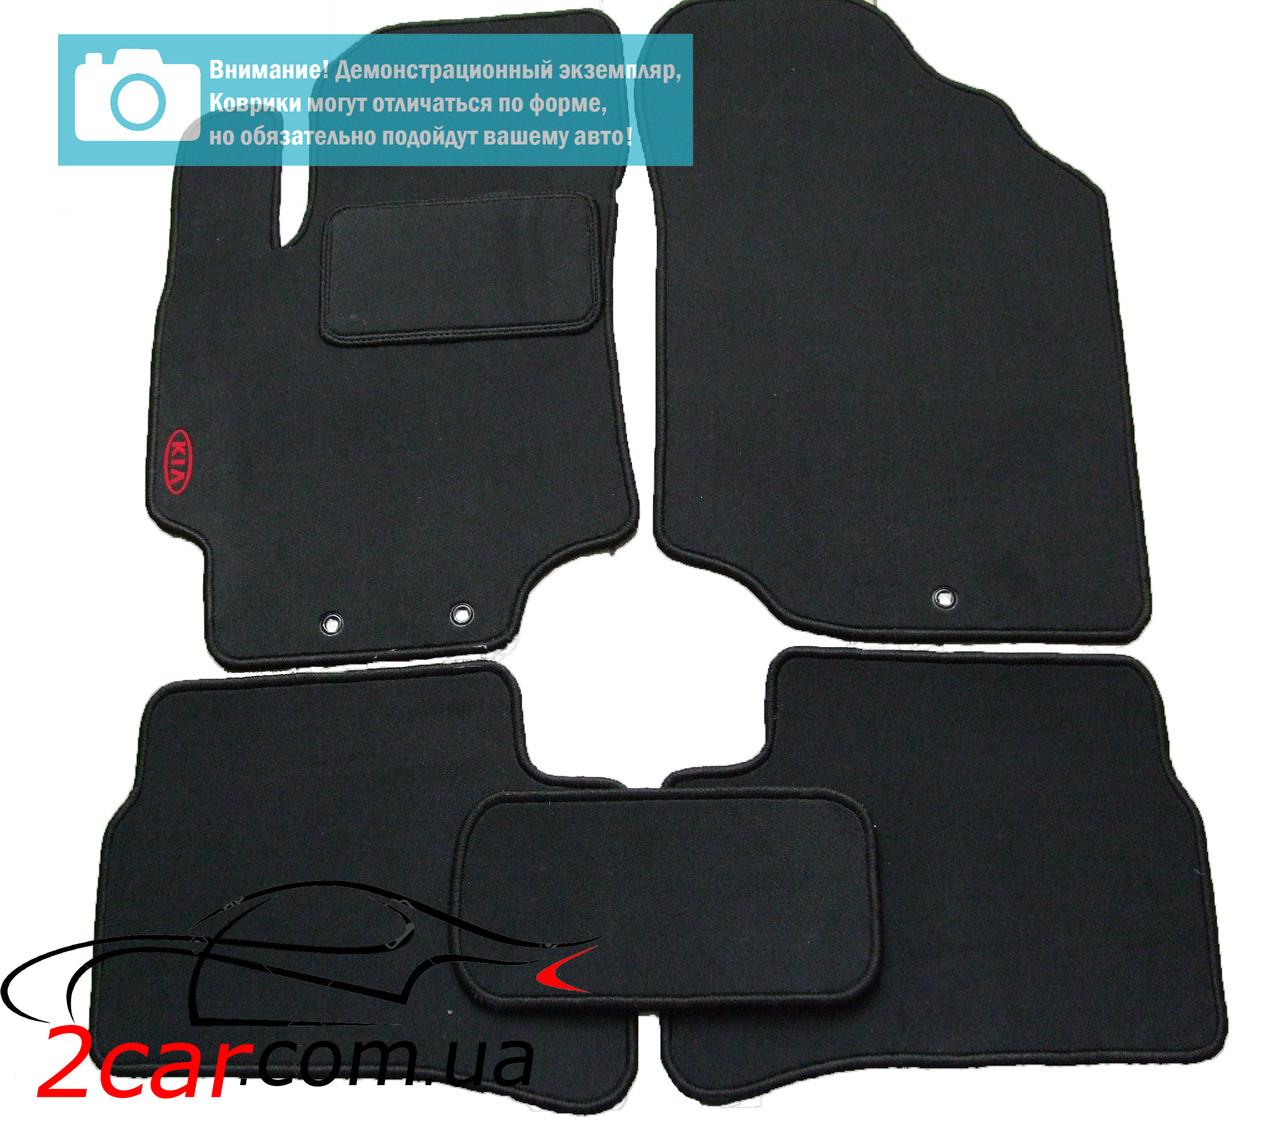 Текстильные коврики в салон для Mazda 626 (GF-GW) (1997-2001) (чёрный)